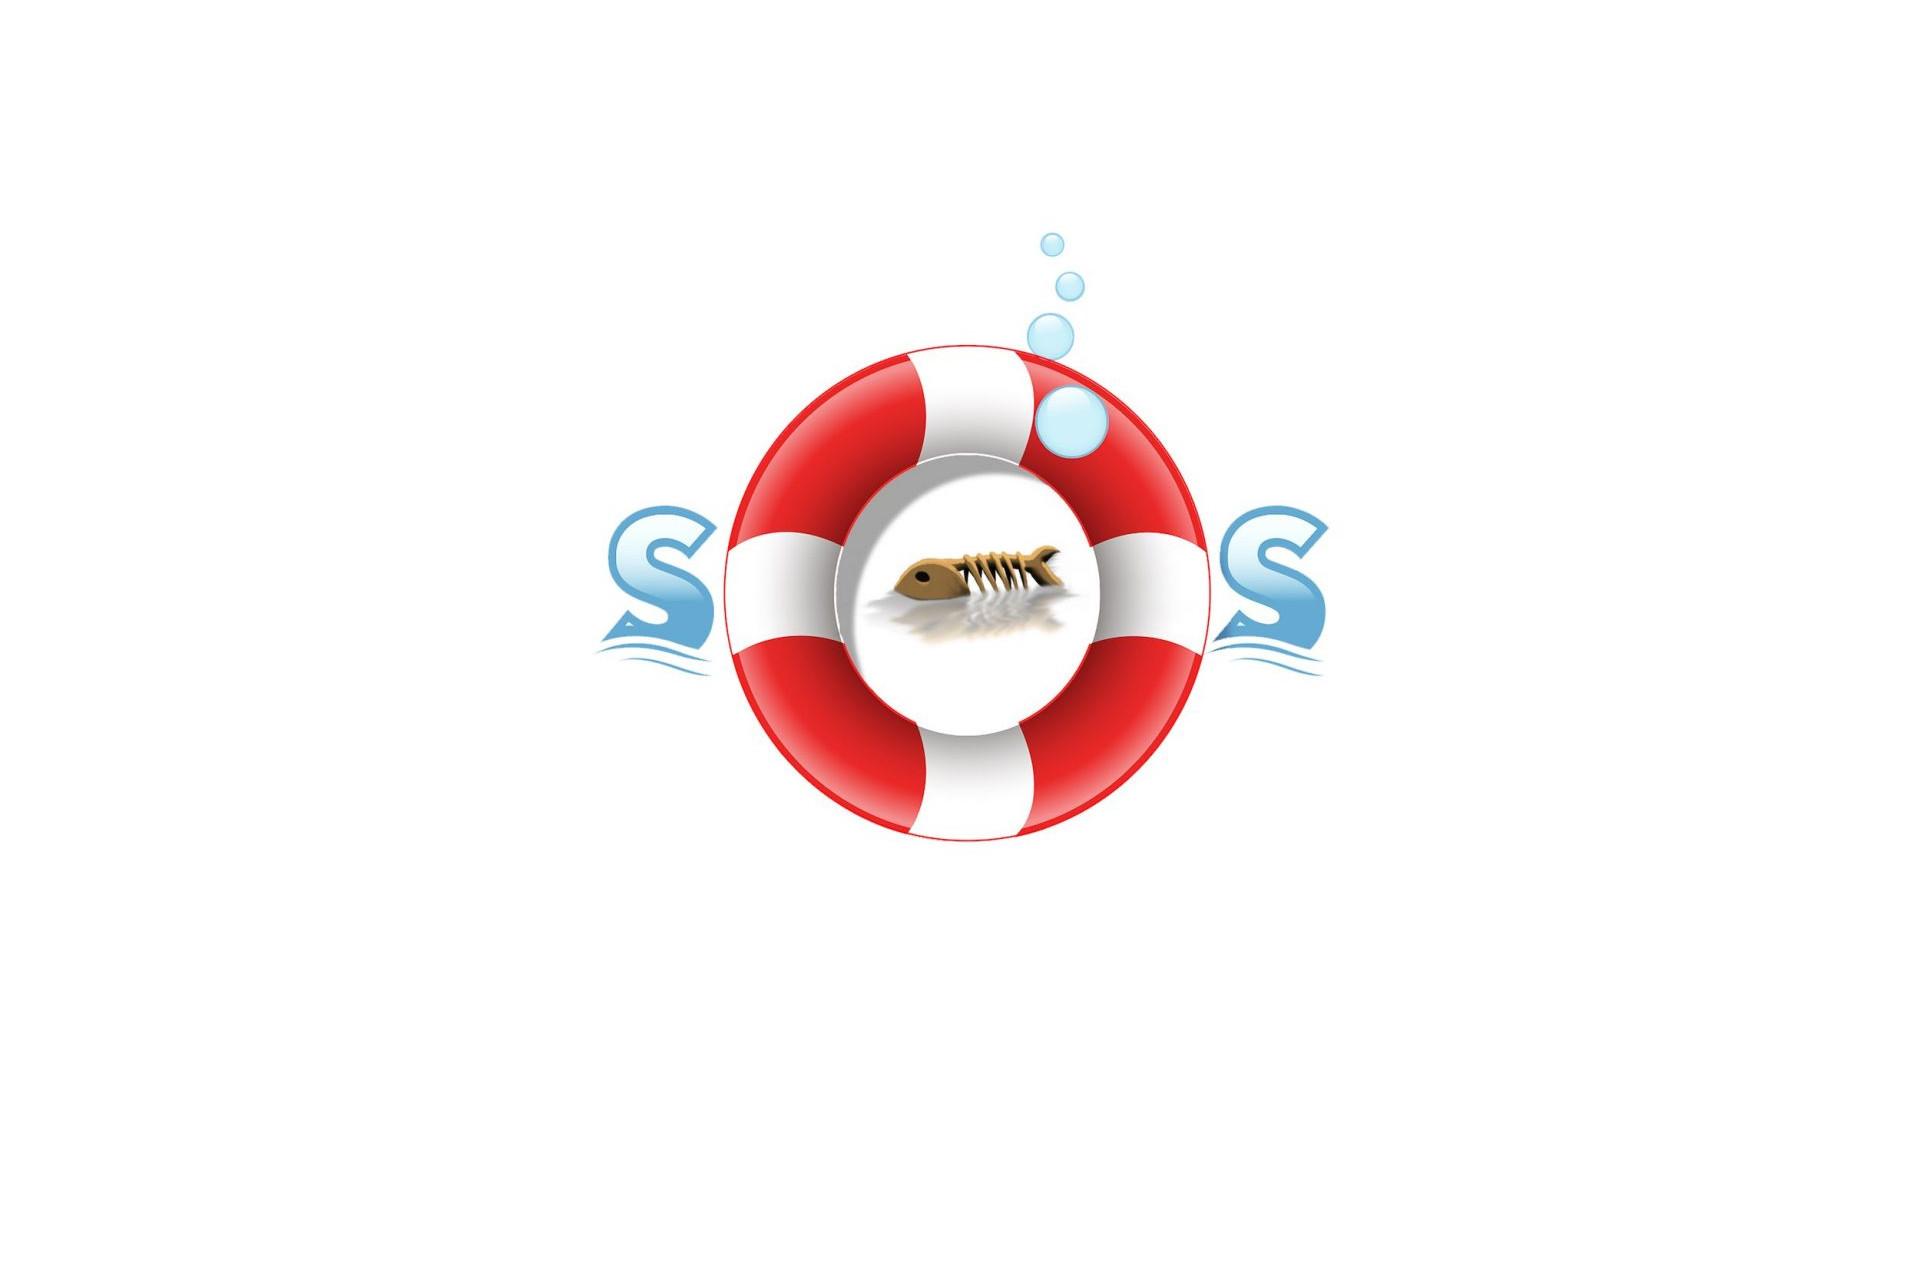 Si los peces hablaran_SOS-con-pez-espina